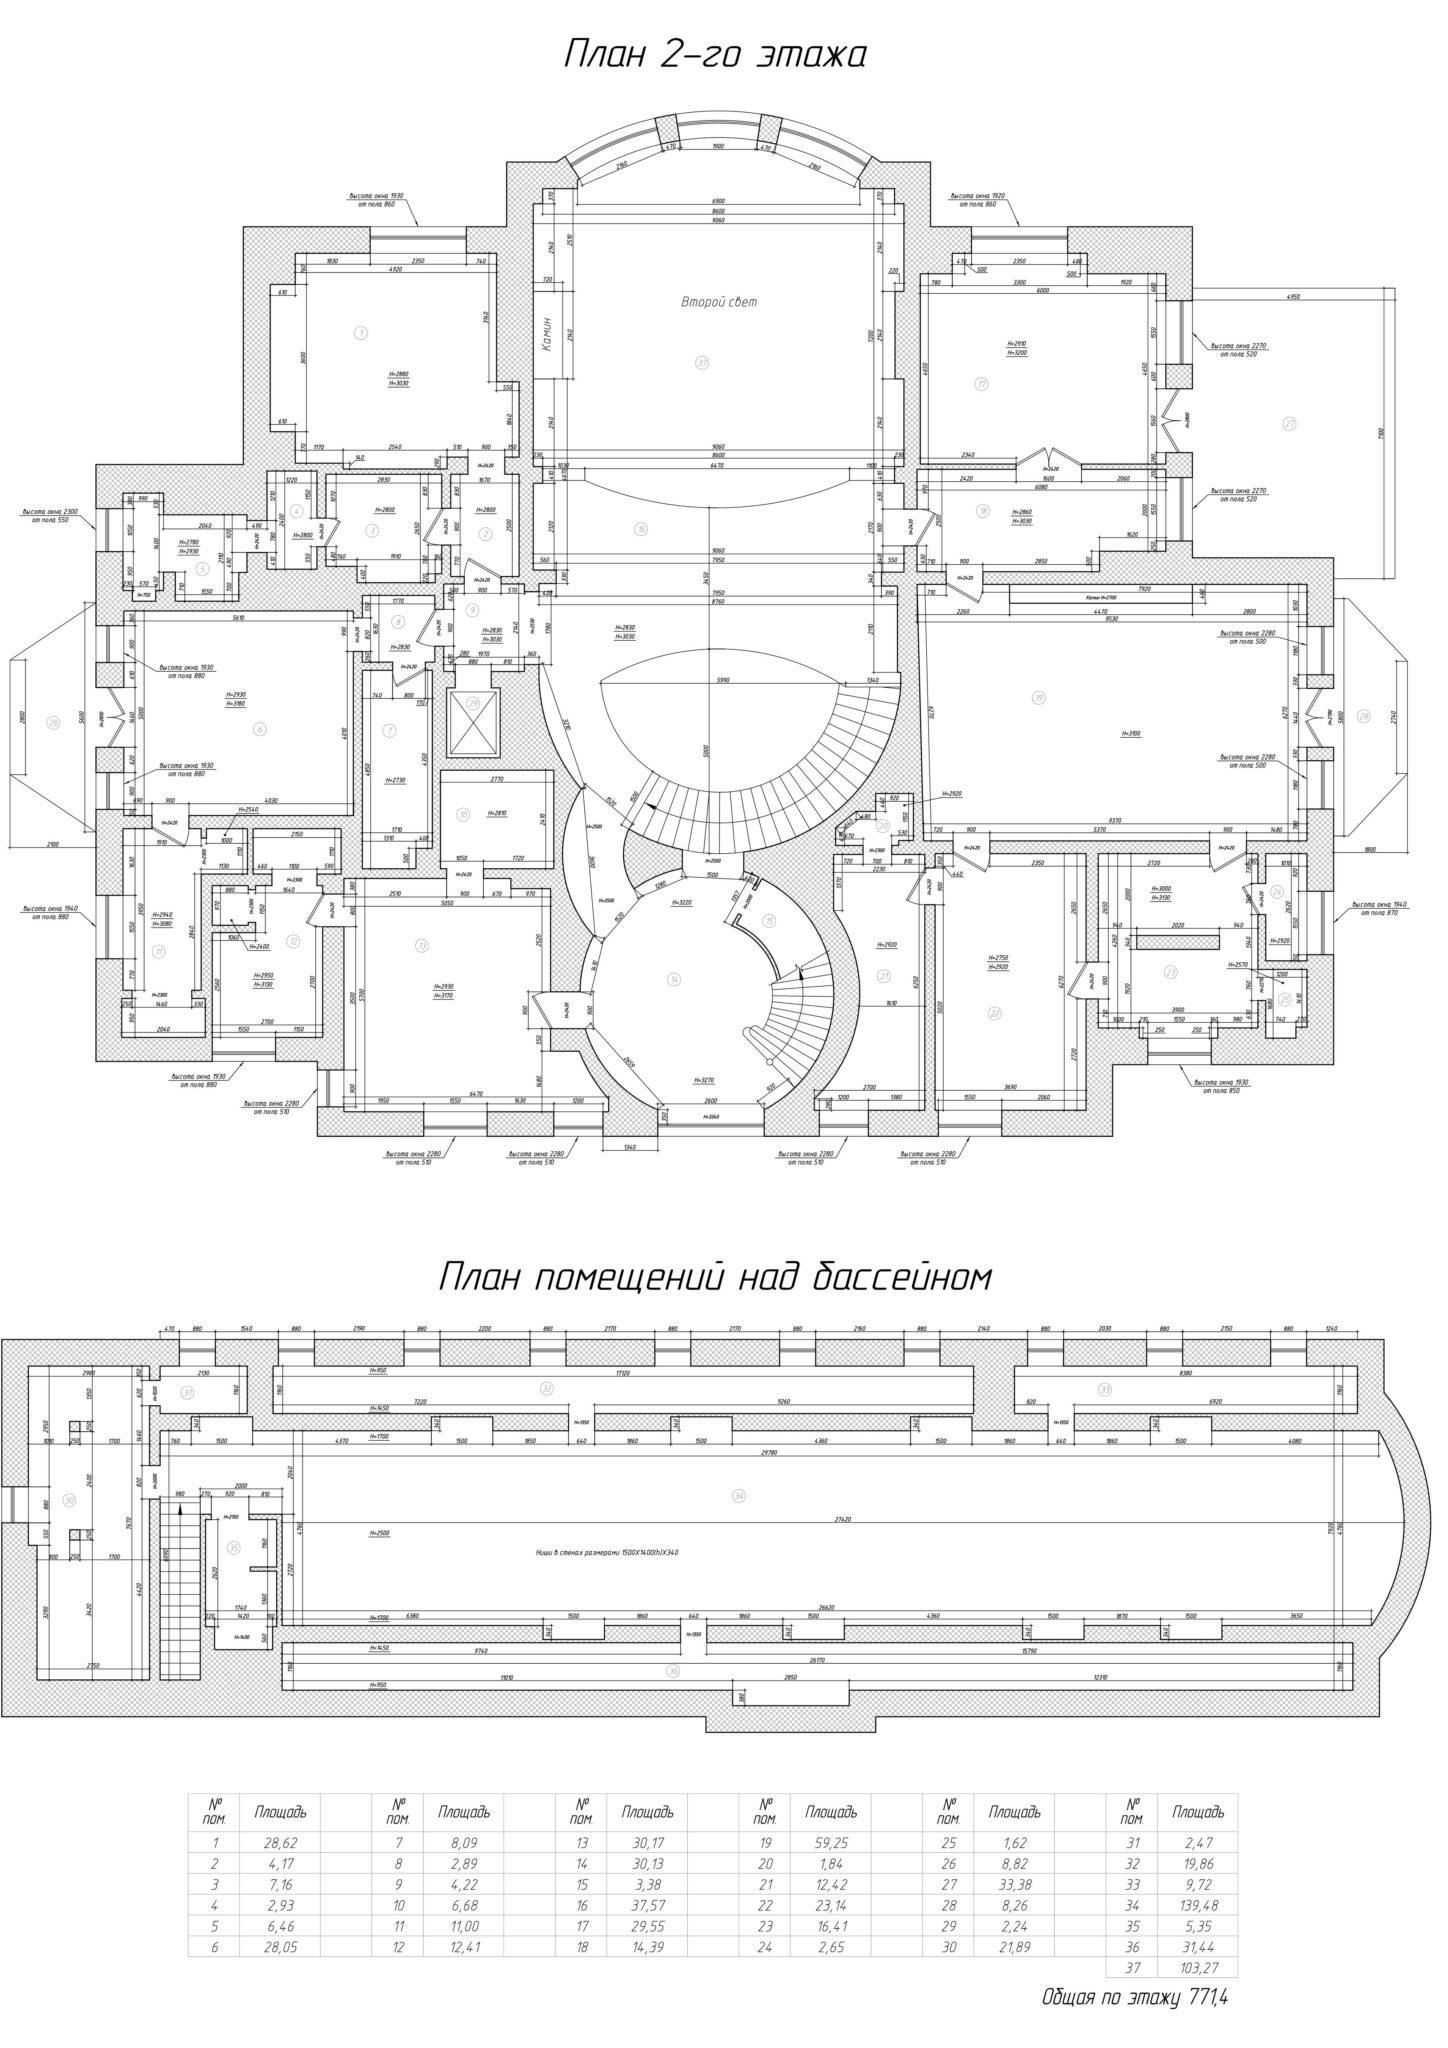 Барвиха 2 этаж